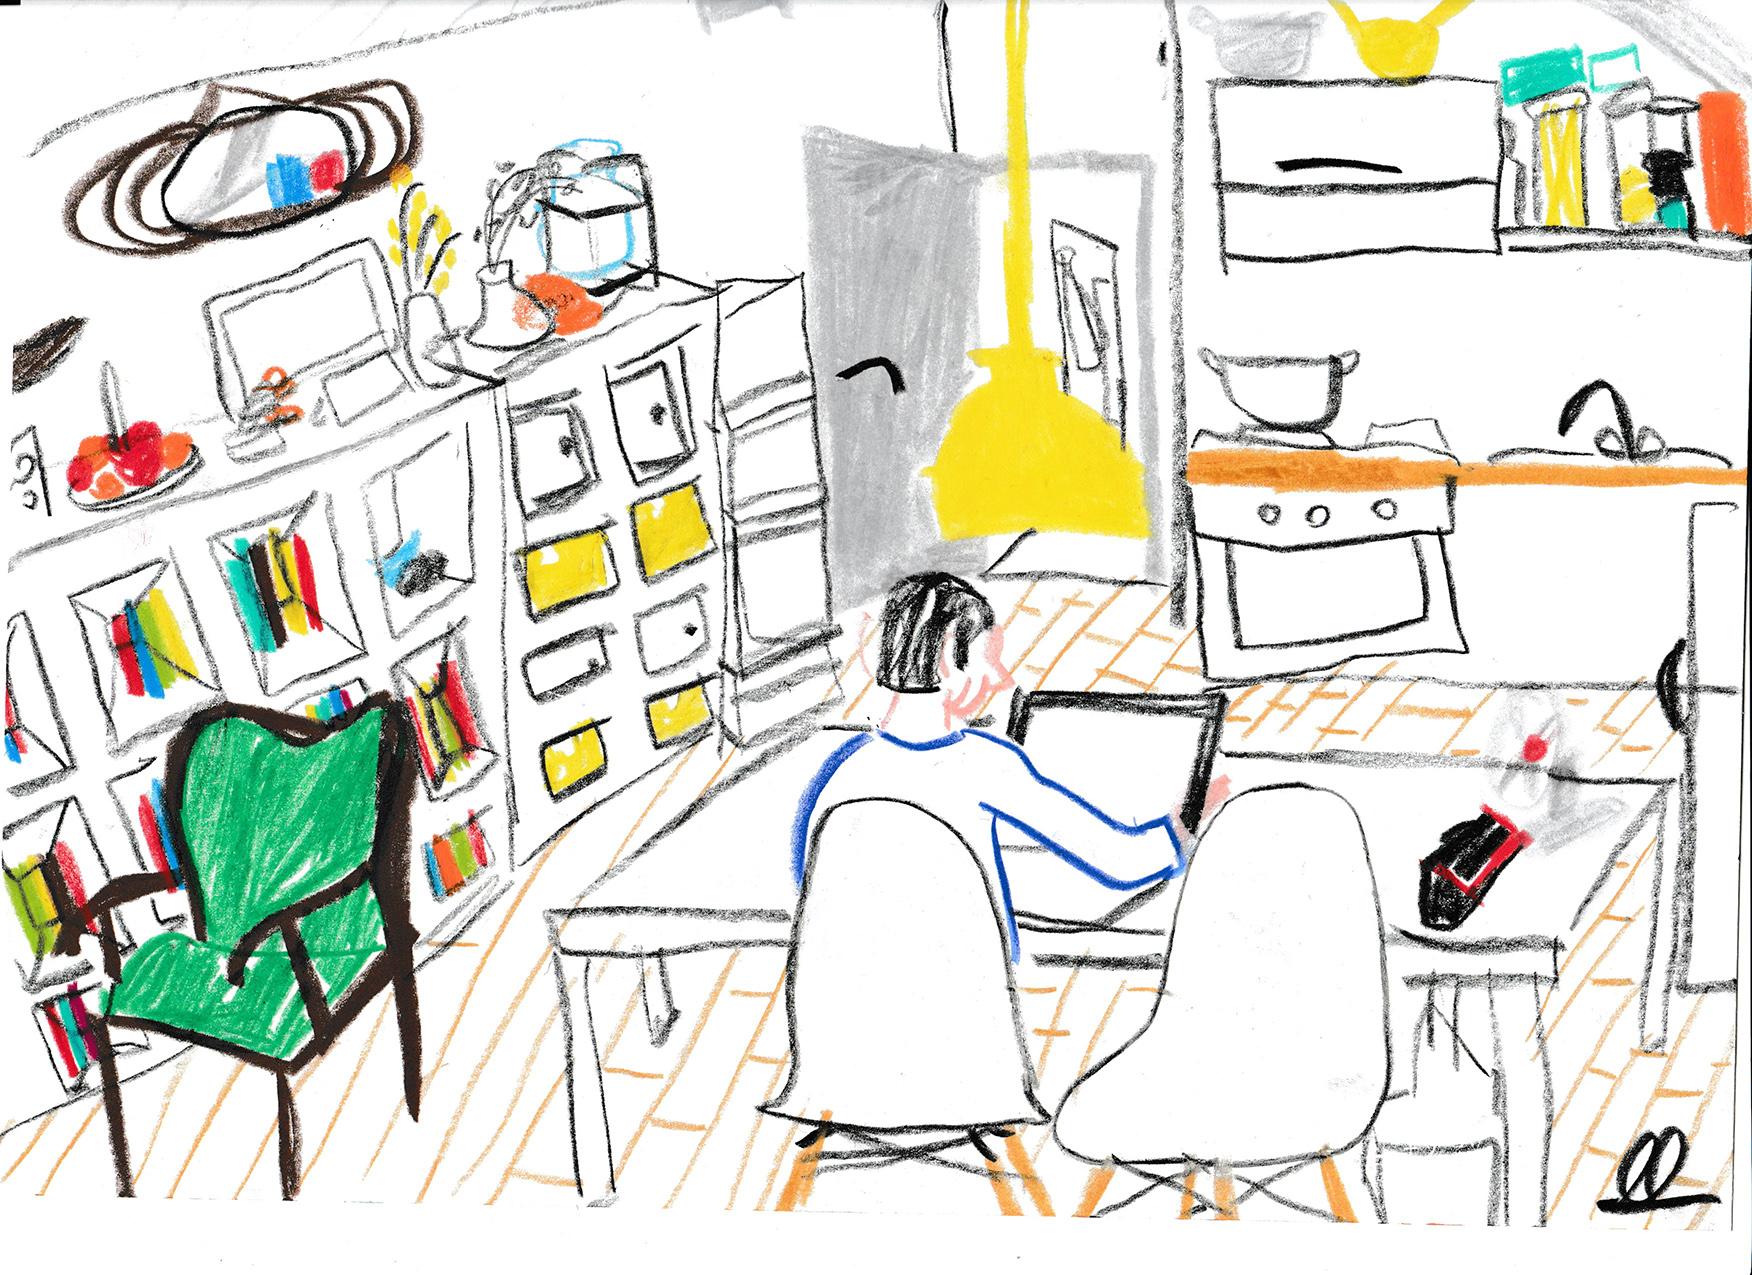 Sketchmob: disegna ciò che vedi dalla finestra